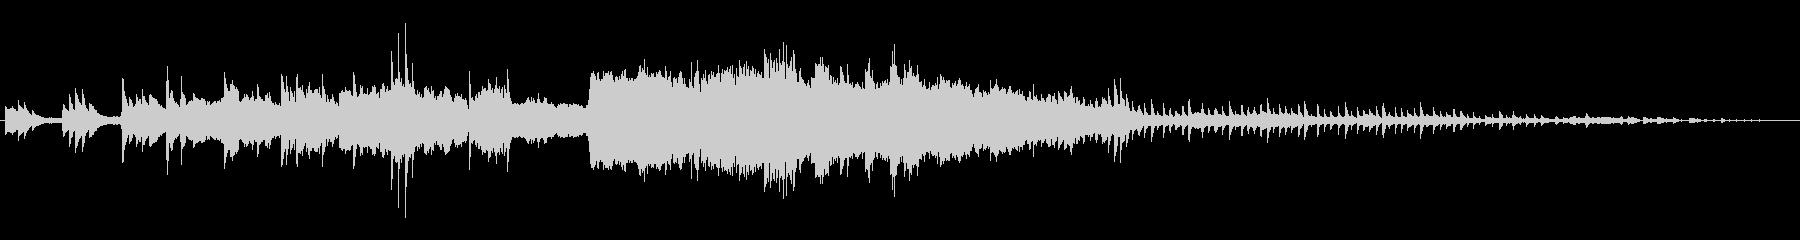 ファンタジーオーケストラの未再生の波形